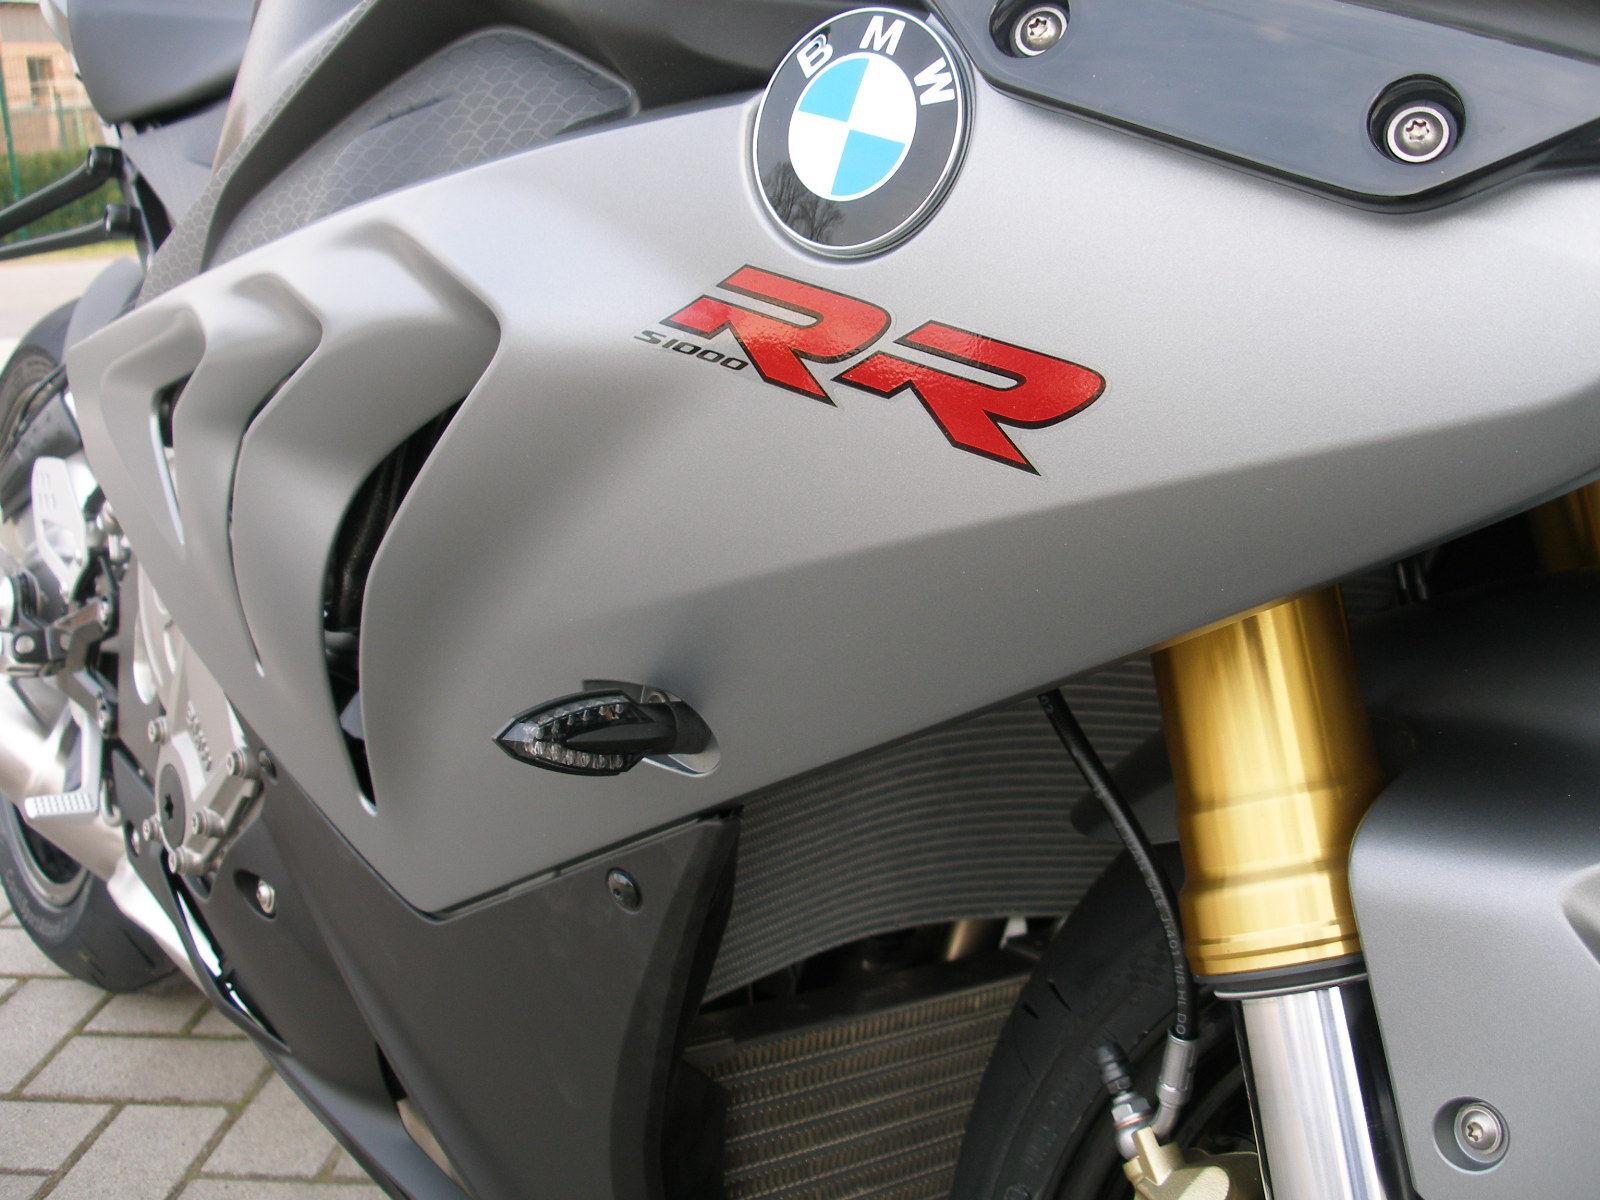 für Bremsbeläge Vorne u.a kfzteile242 Bremsscheiben Belüftet 241 mm